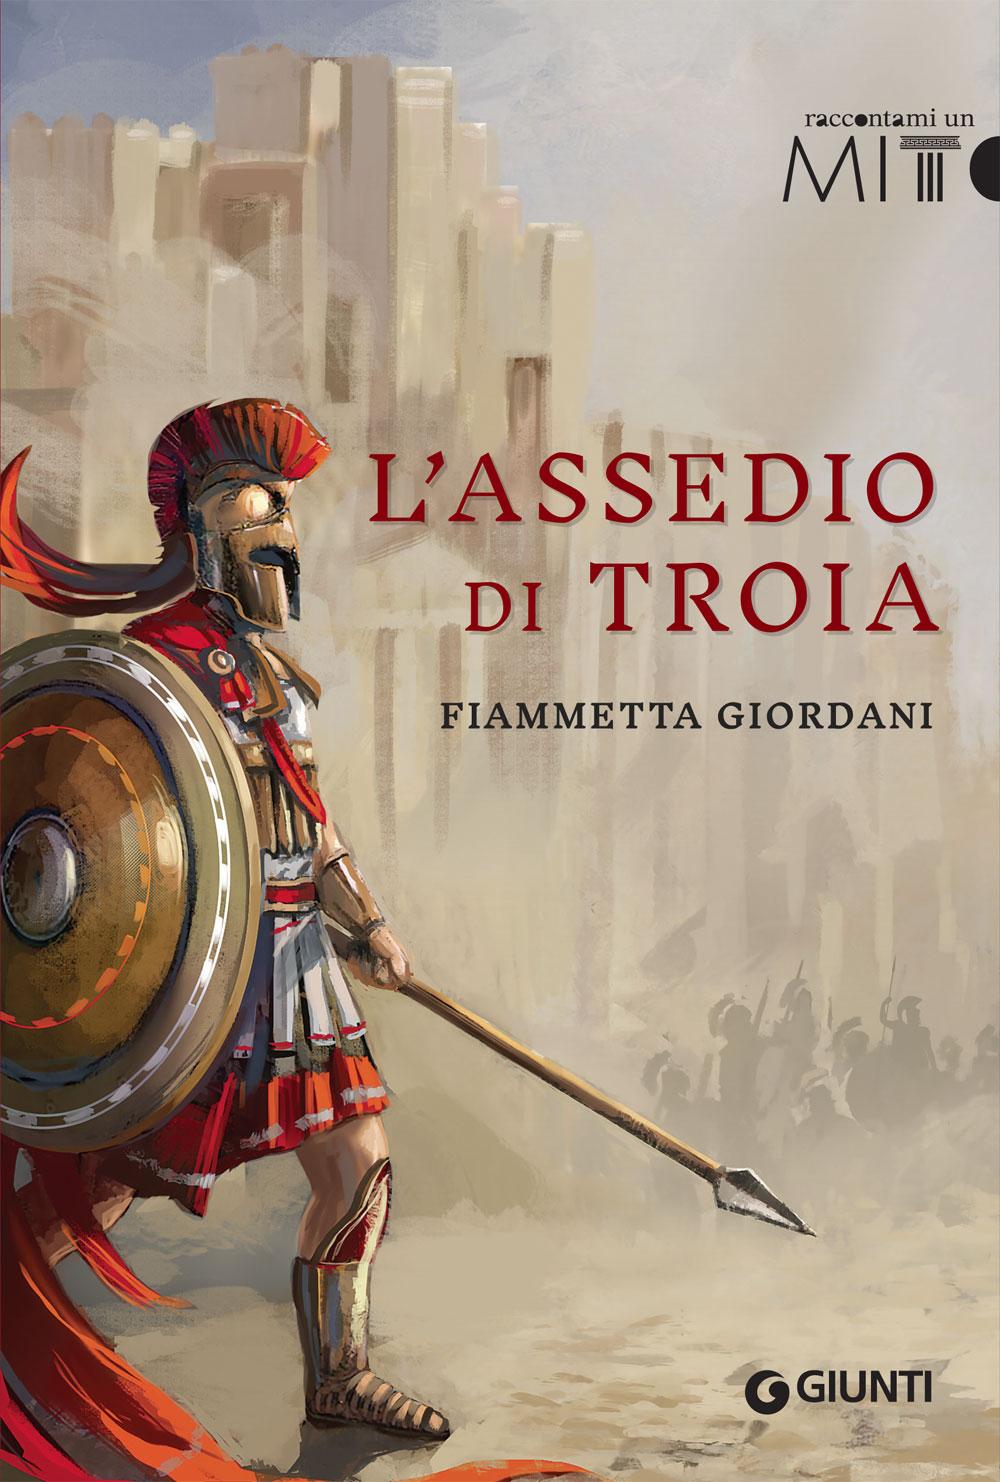 Assedio di Troia